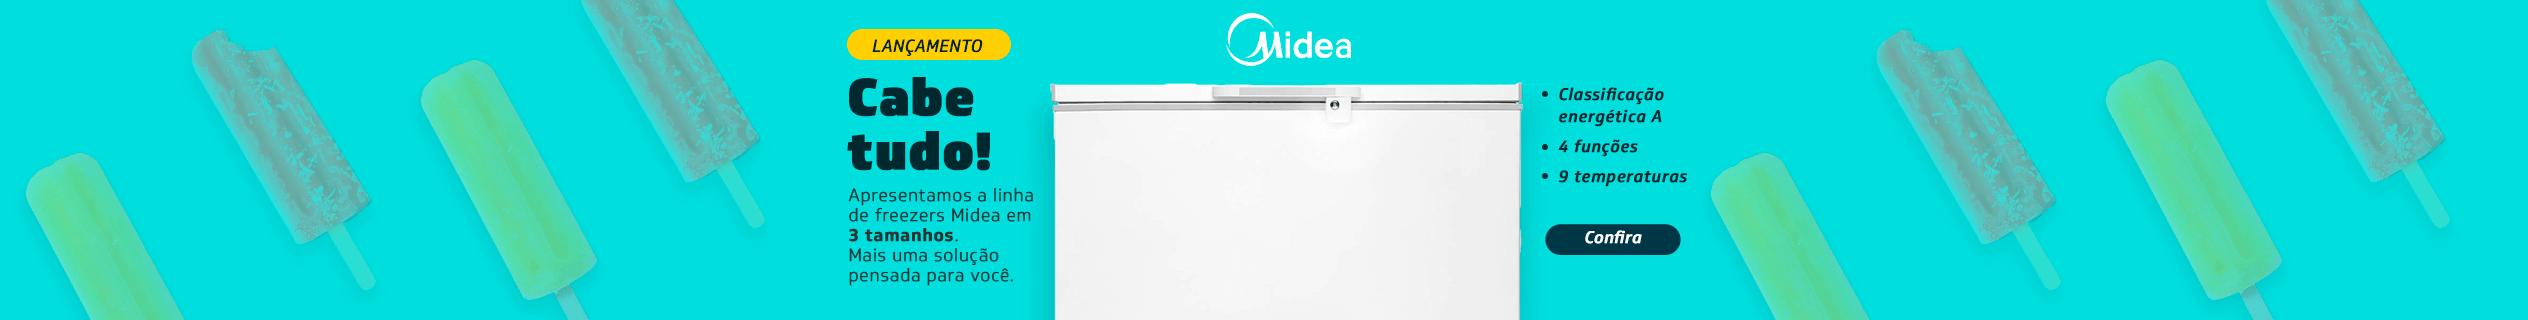 full_banner-desktop-freezer-3101-2802